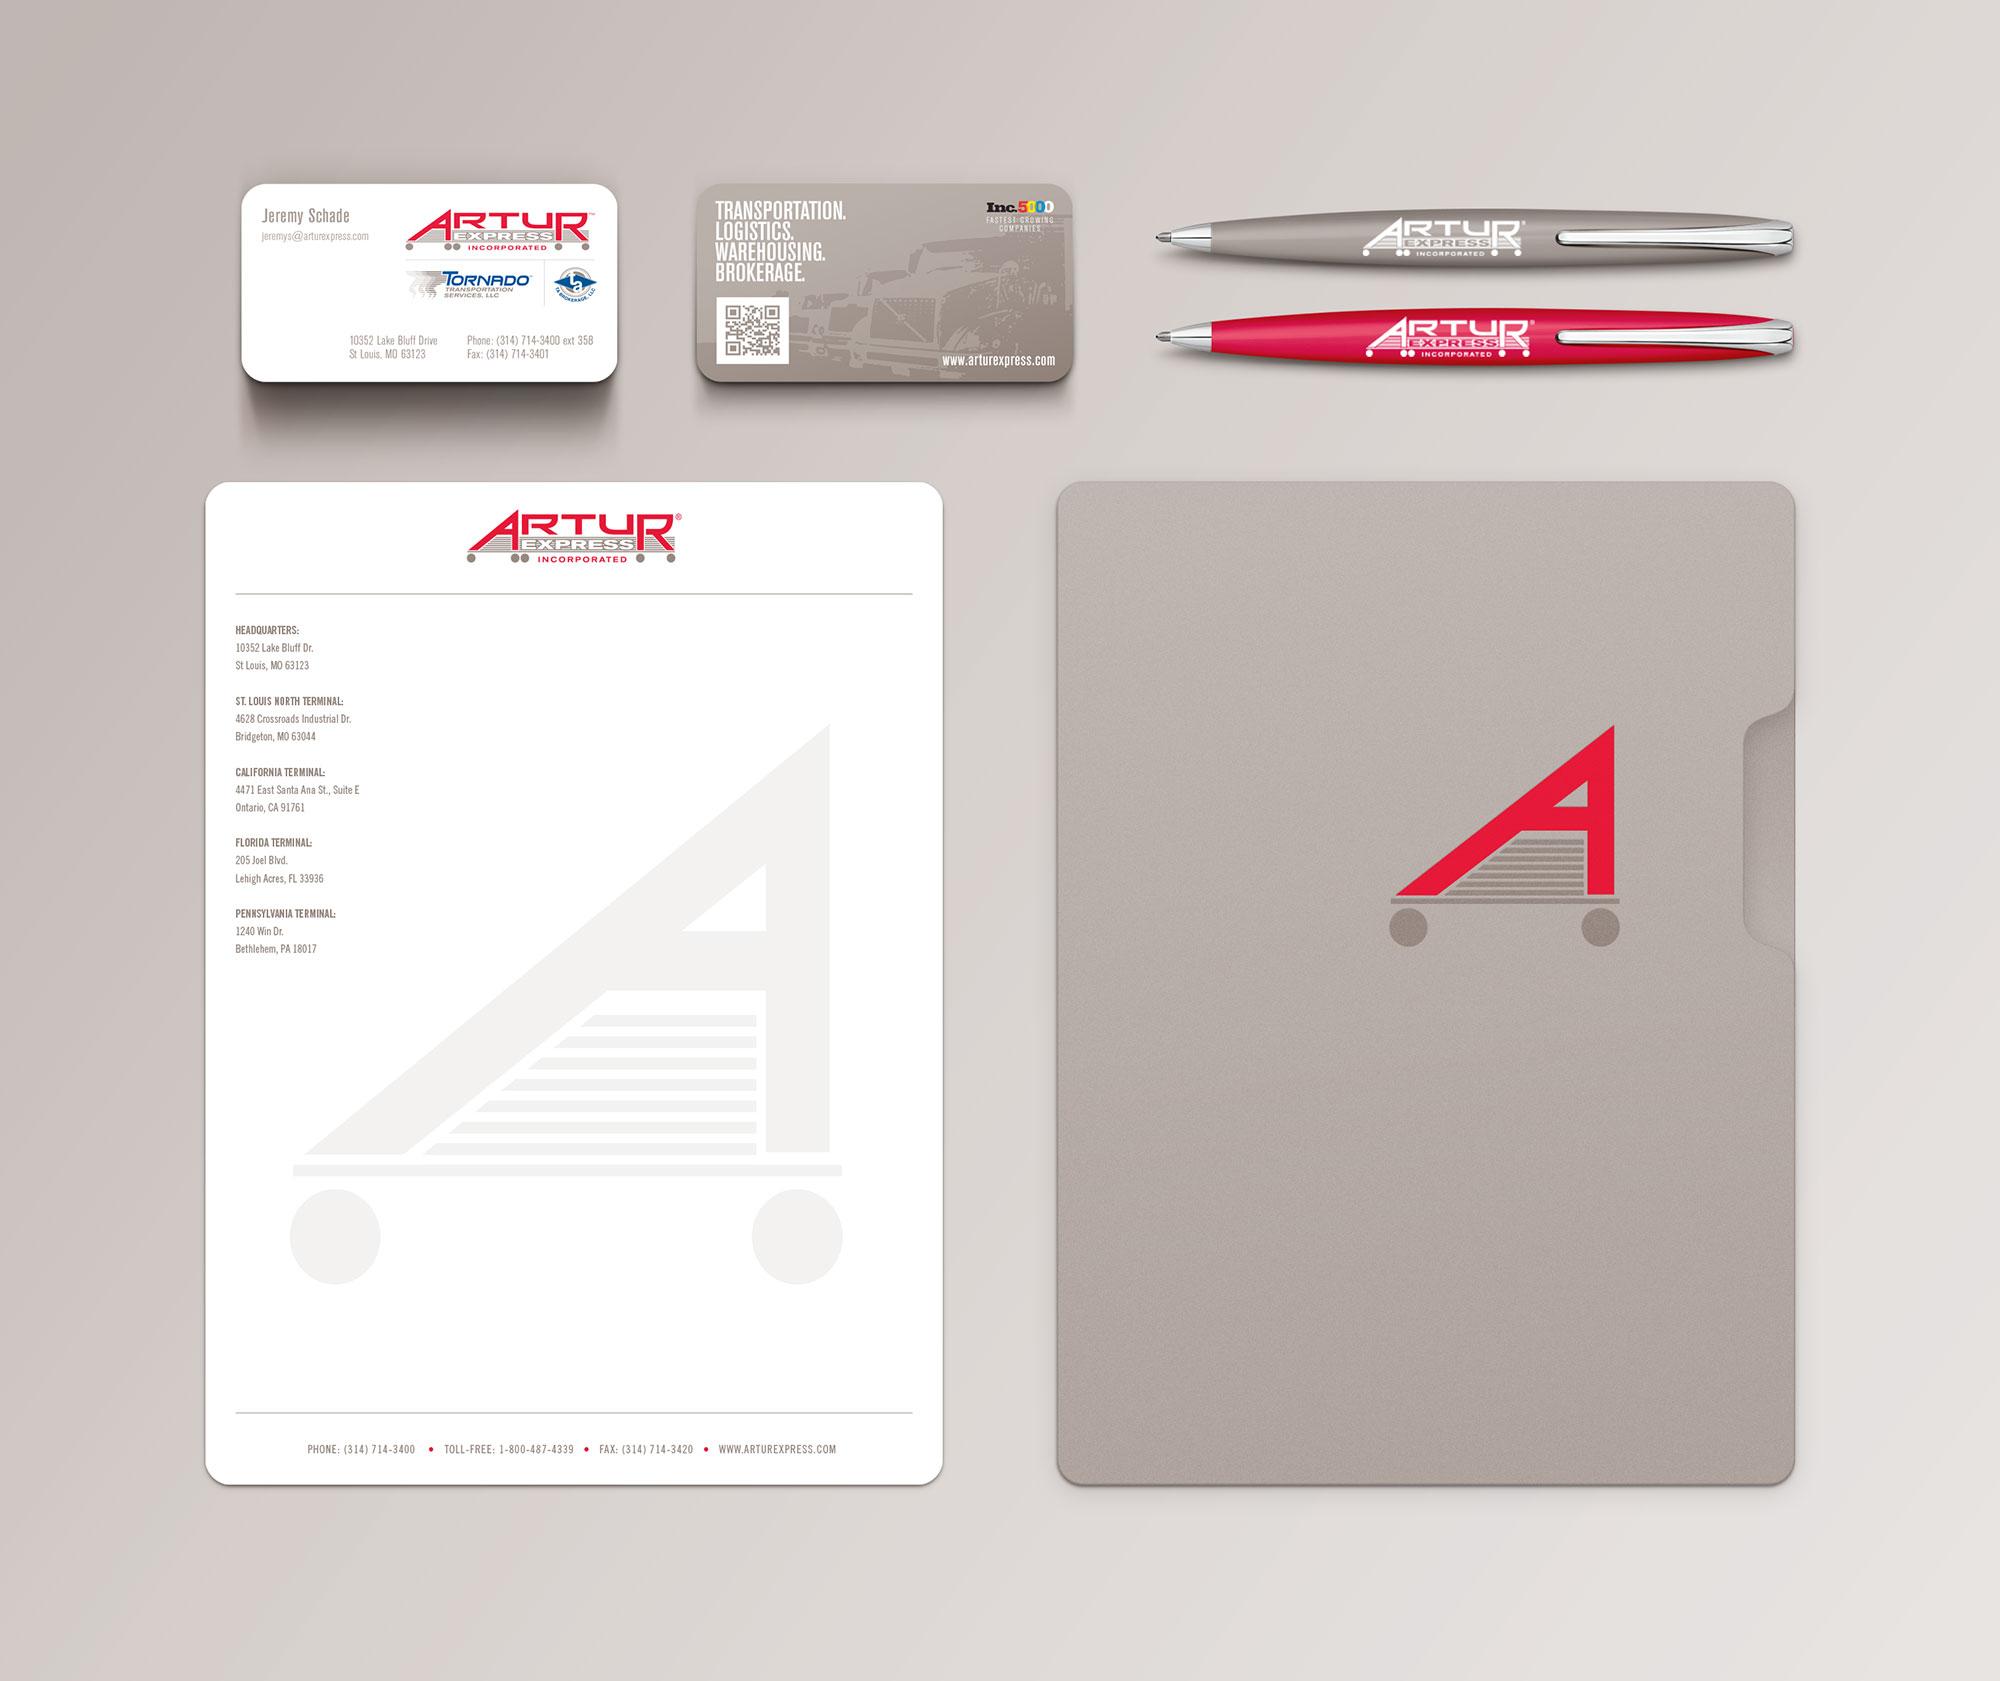 Artur identity design